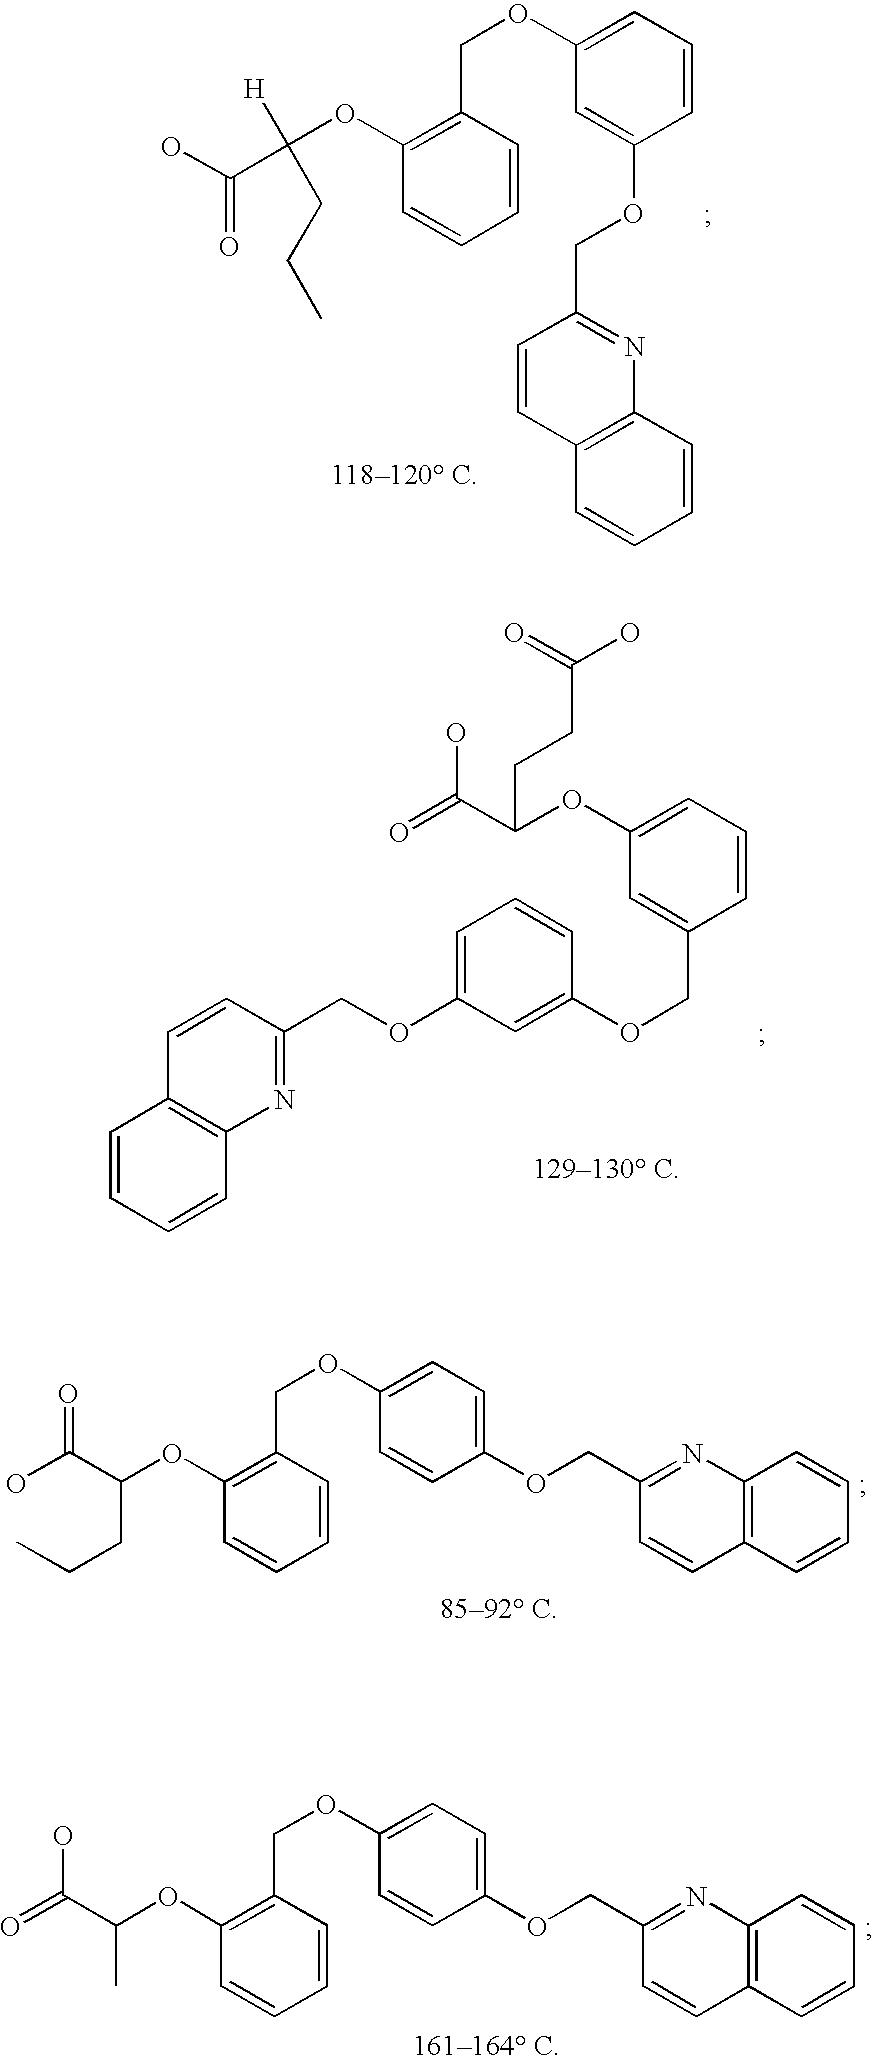 Figure US20030220373A1-20031127-C00306